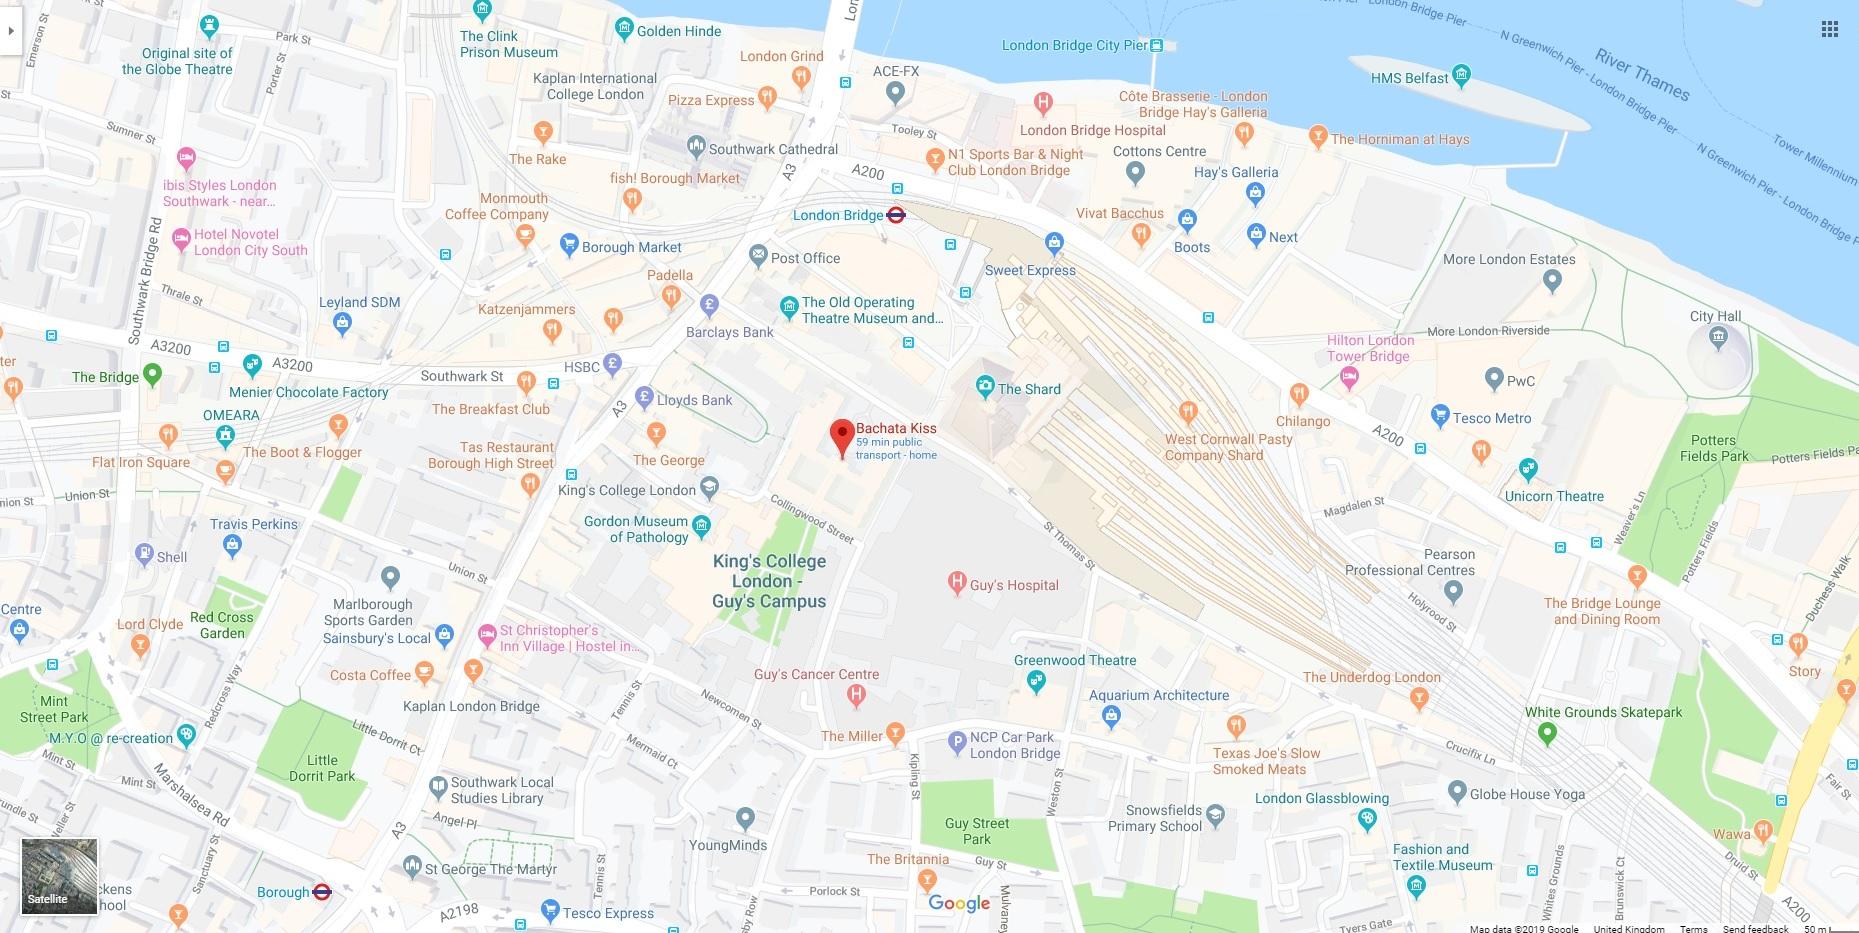 Bachata Kiss map view